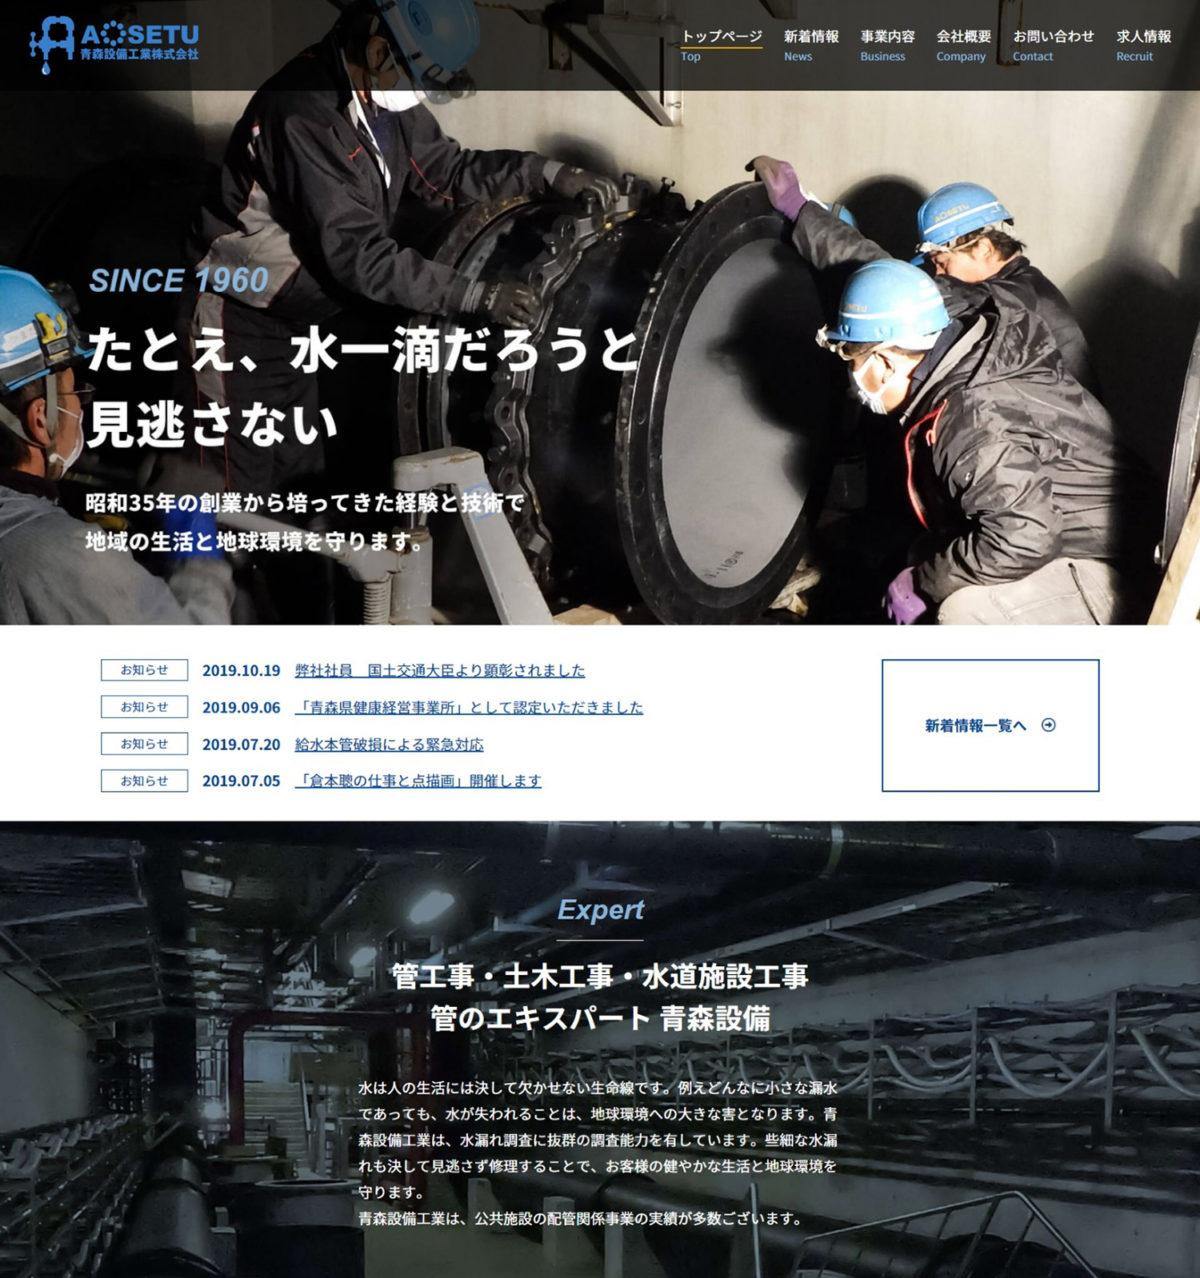 青森設備工業株式会社ホームページ